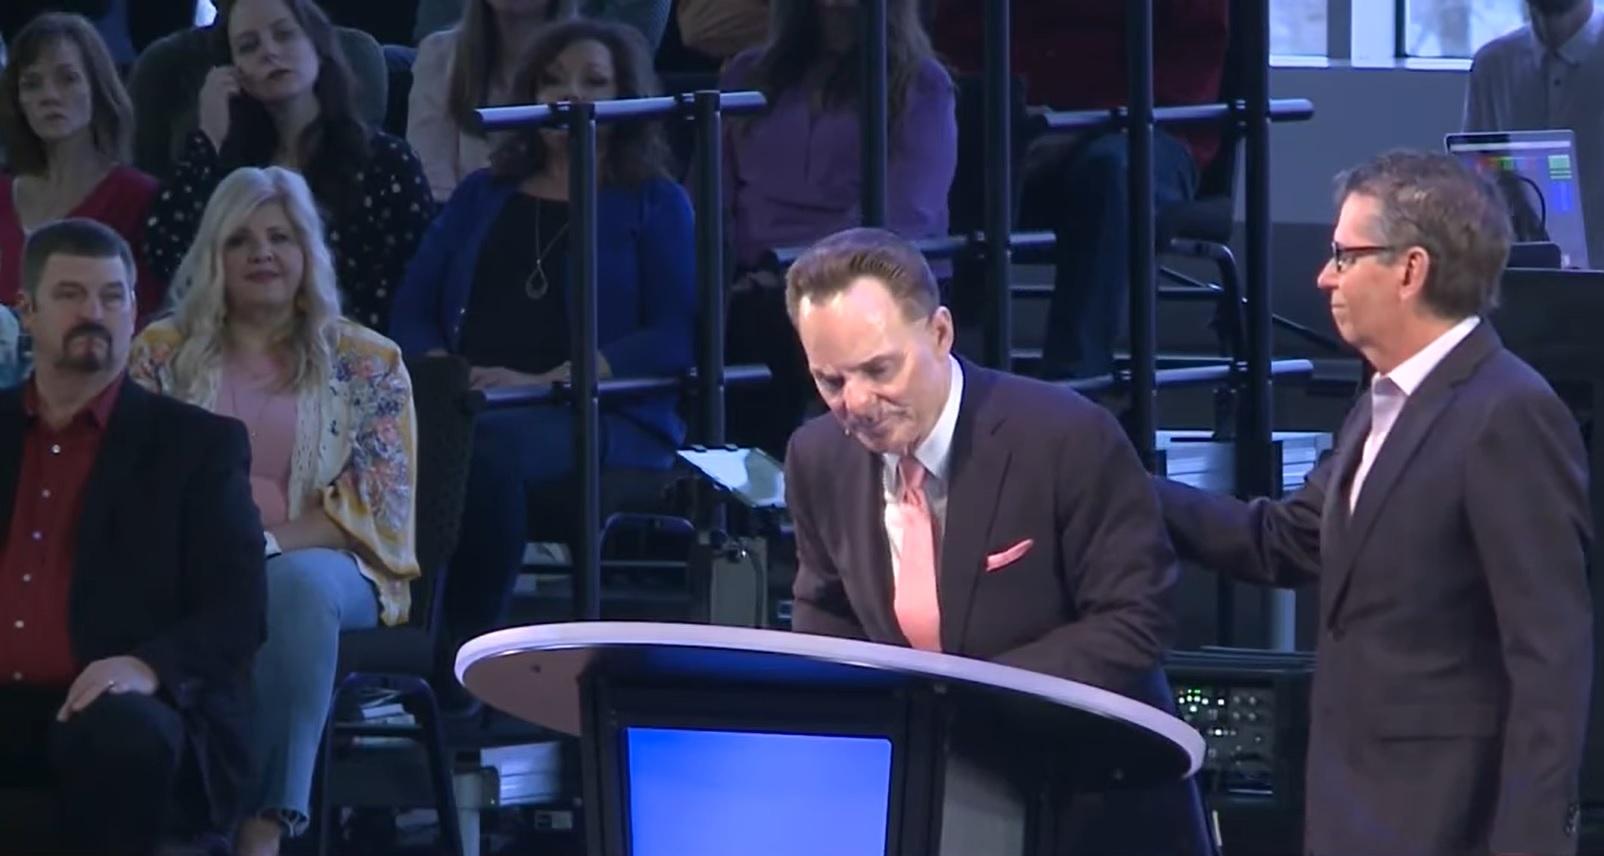 Уходит глава исполкома Южной Баптистской Конвенции США Флойд